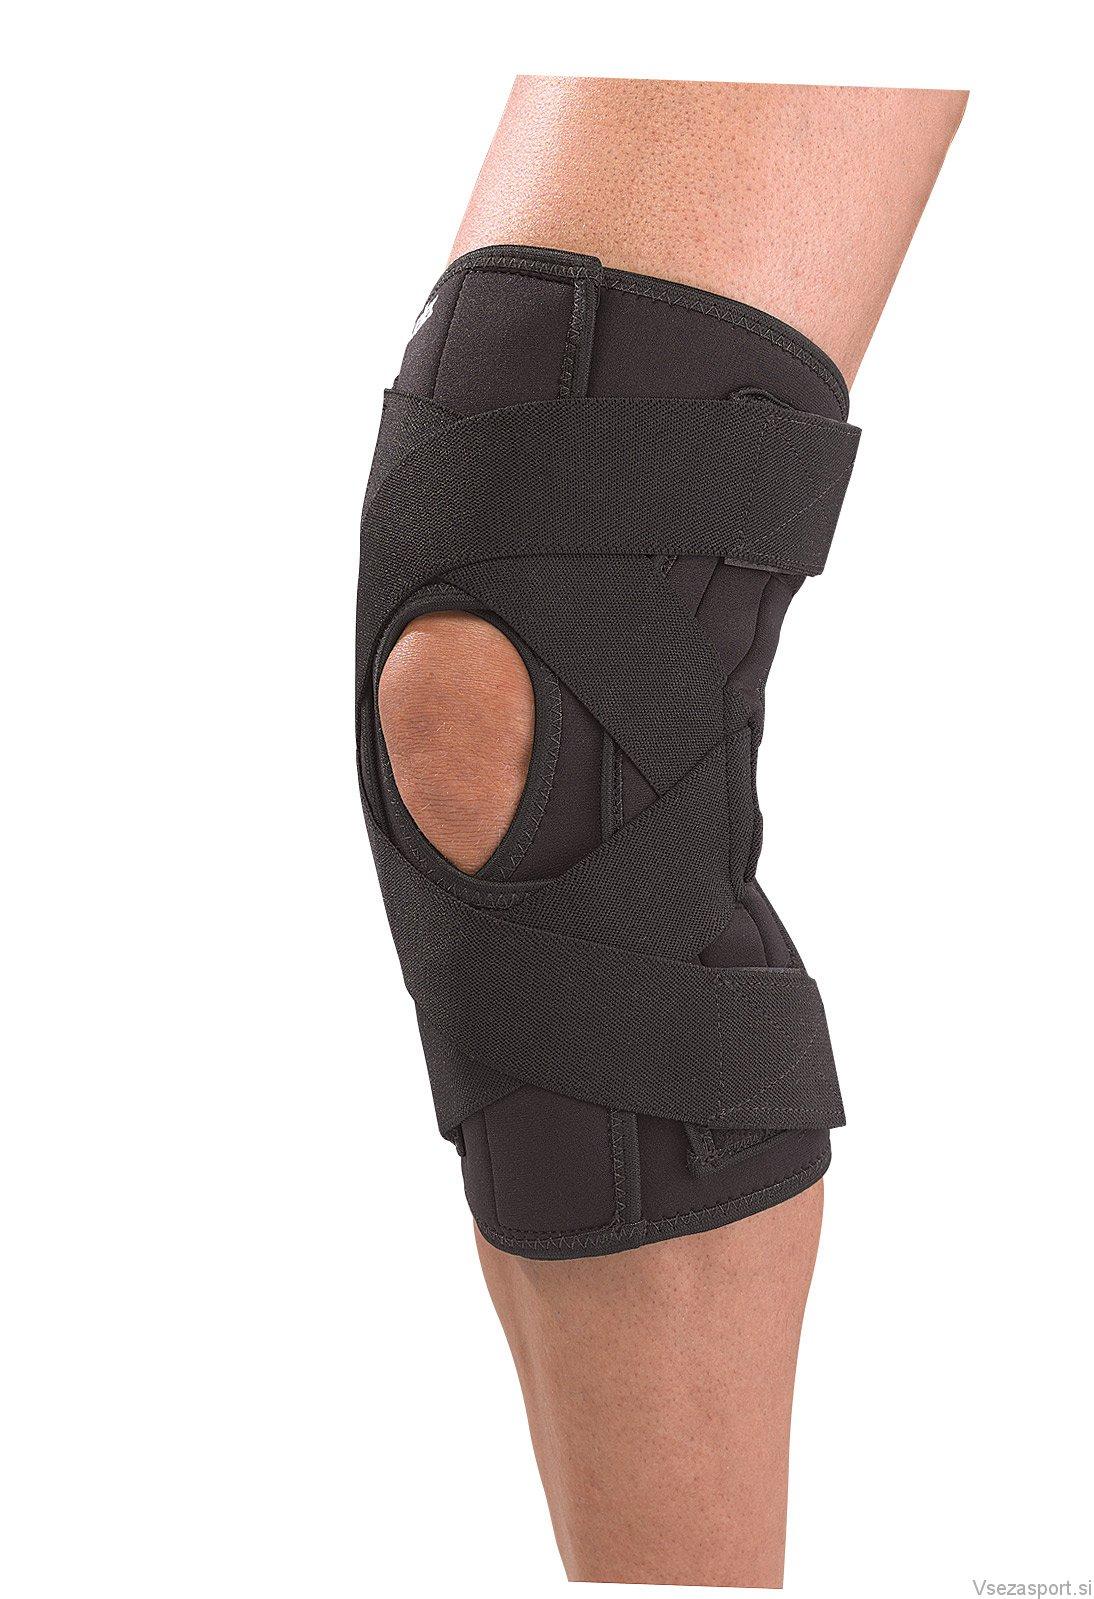 Код 230 Бандаж-обертывание на колено, де люкс, регулируемый, 1 шт., черный, SM,MD,LG,XL,XXL